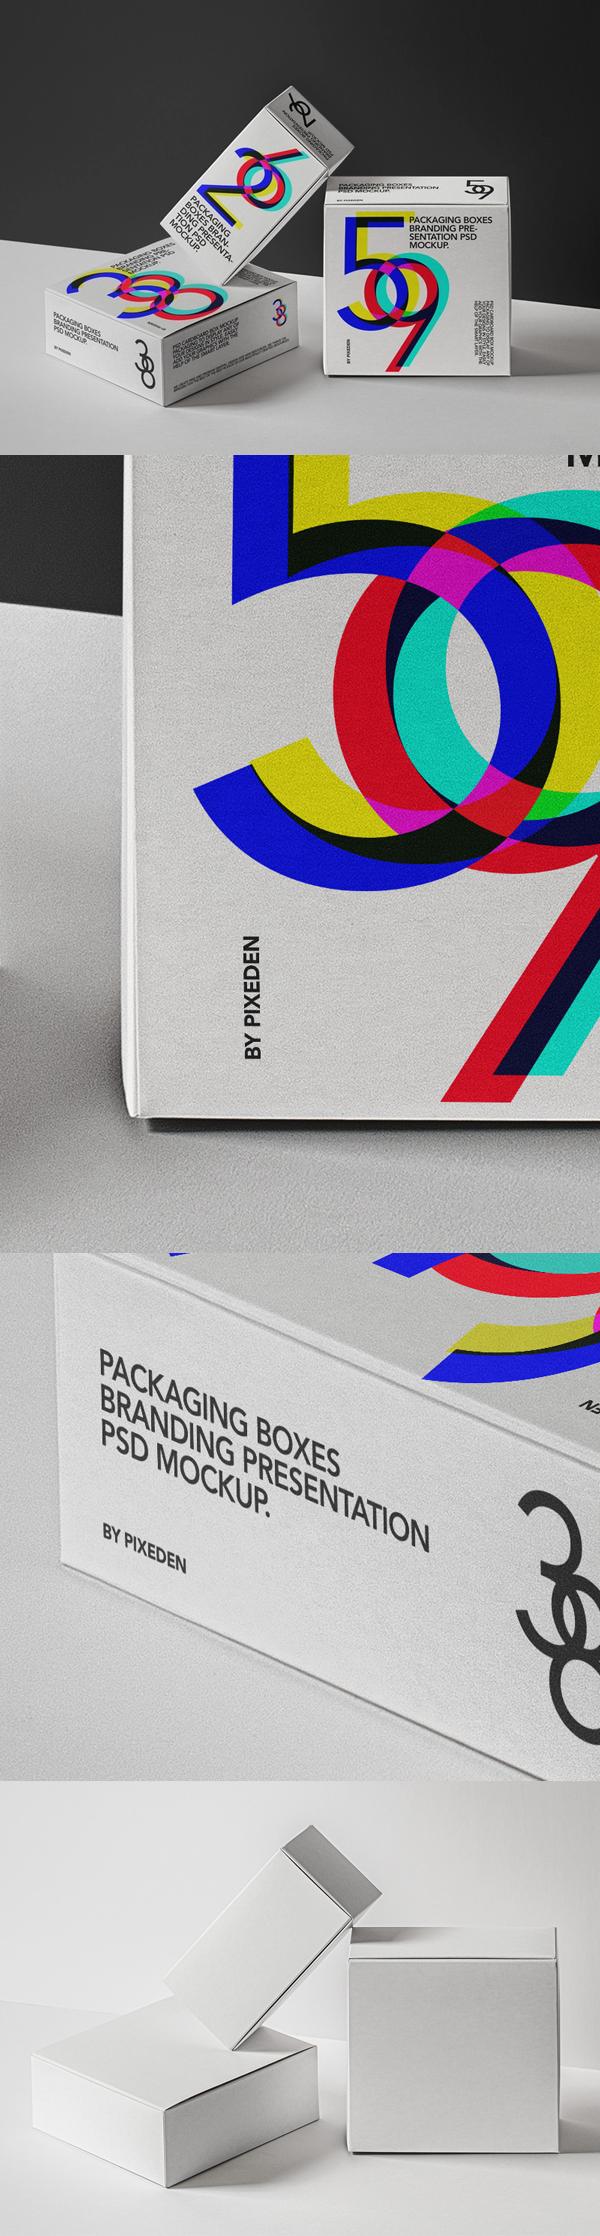 Free Psd Packaging Box Mockup Set